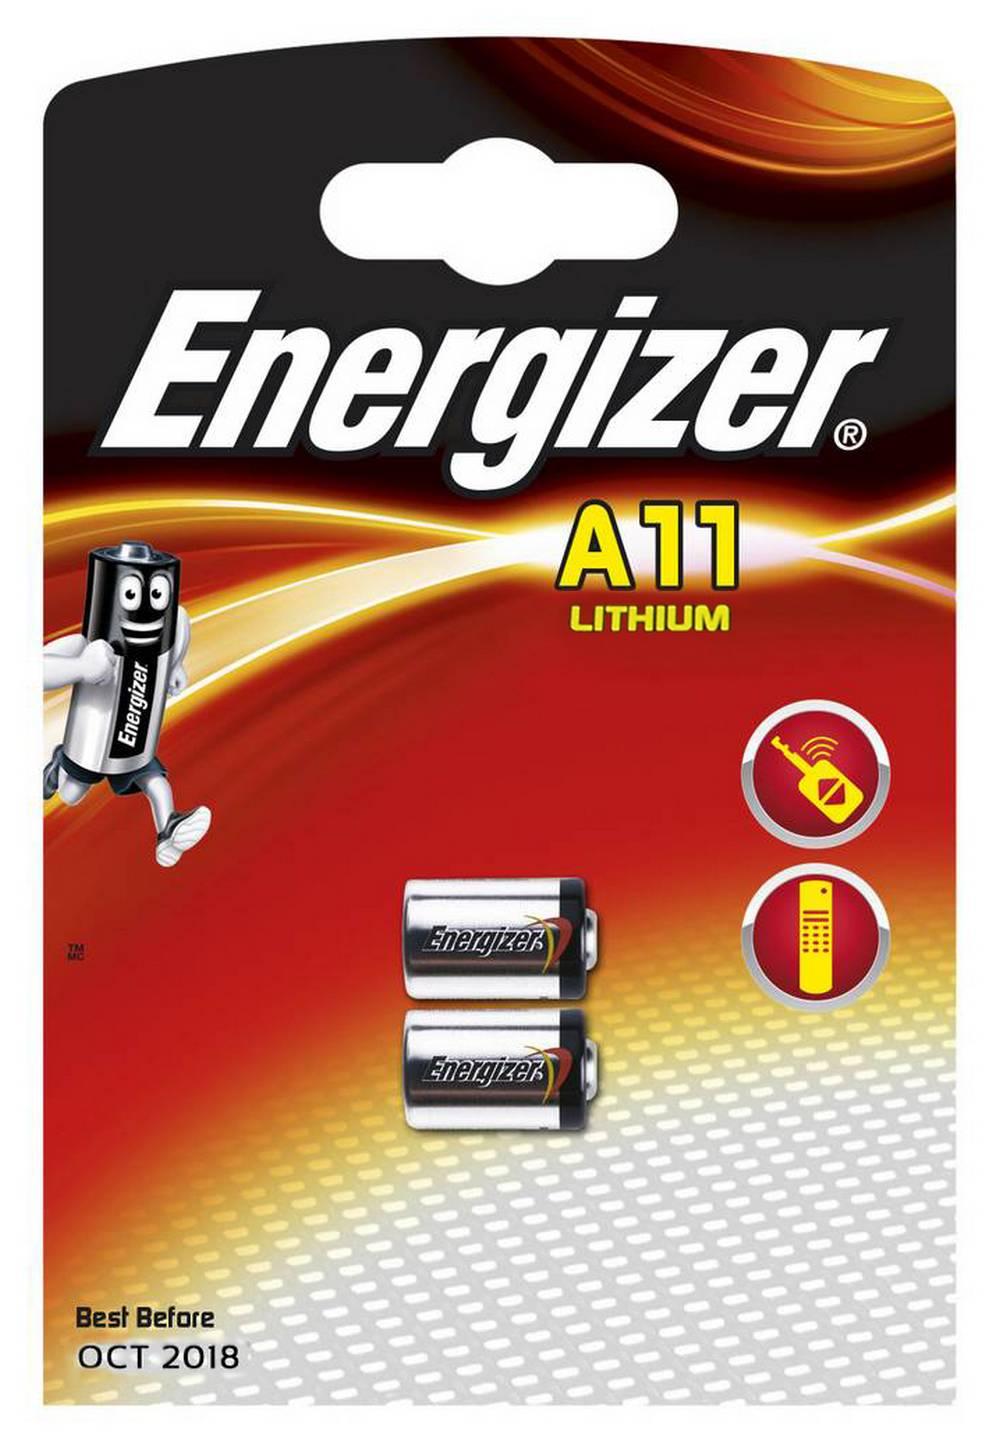 Μπαταρία Lithium Energizer Α11 6V Τεμ. 2